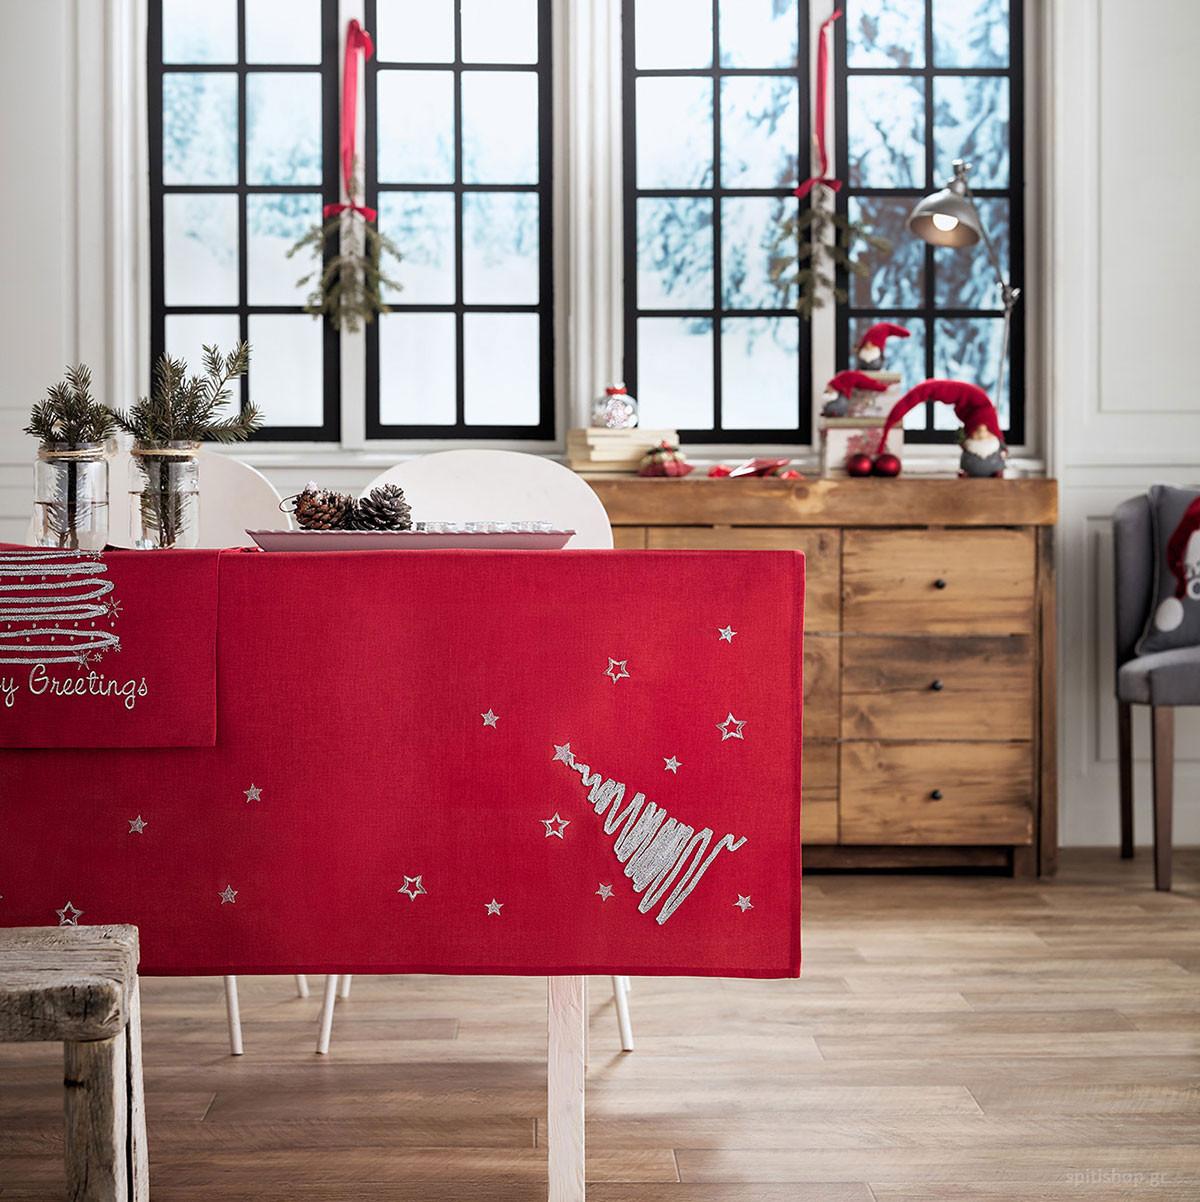 Χριστουγεννιάτικο Τραπεζομάντηλο (135×135) Gofis Home 231/02